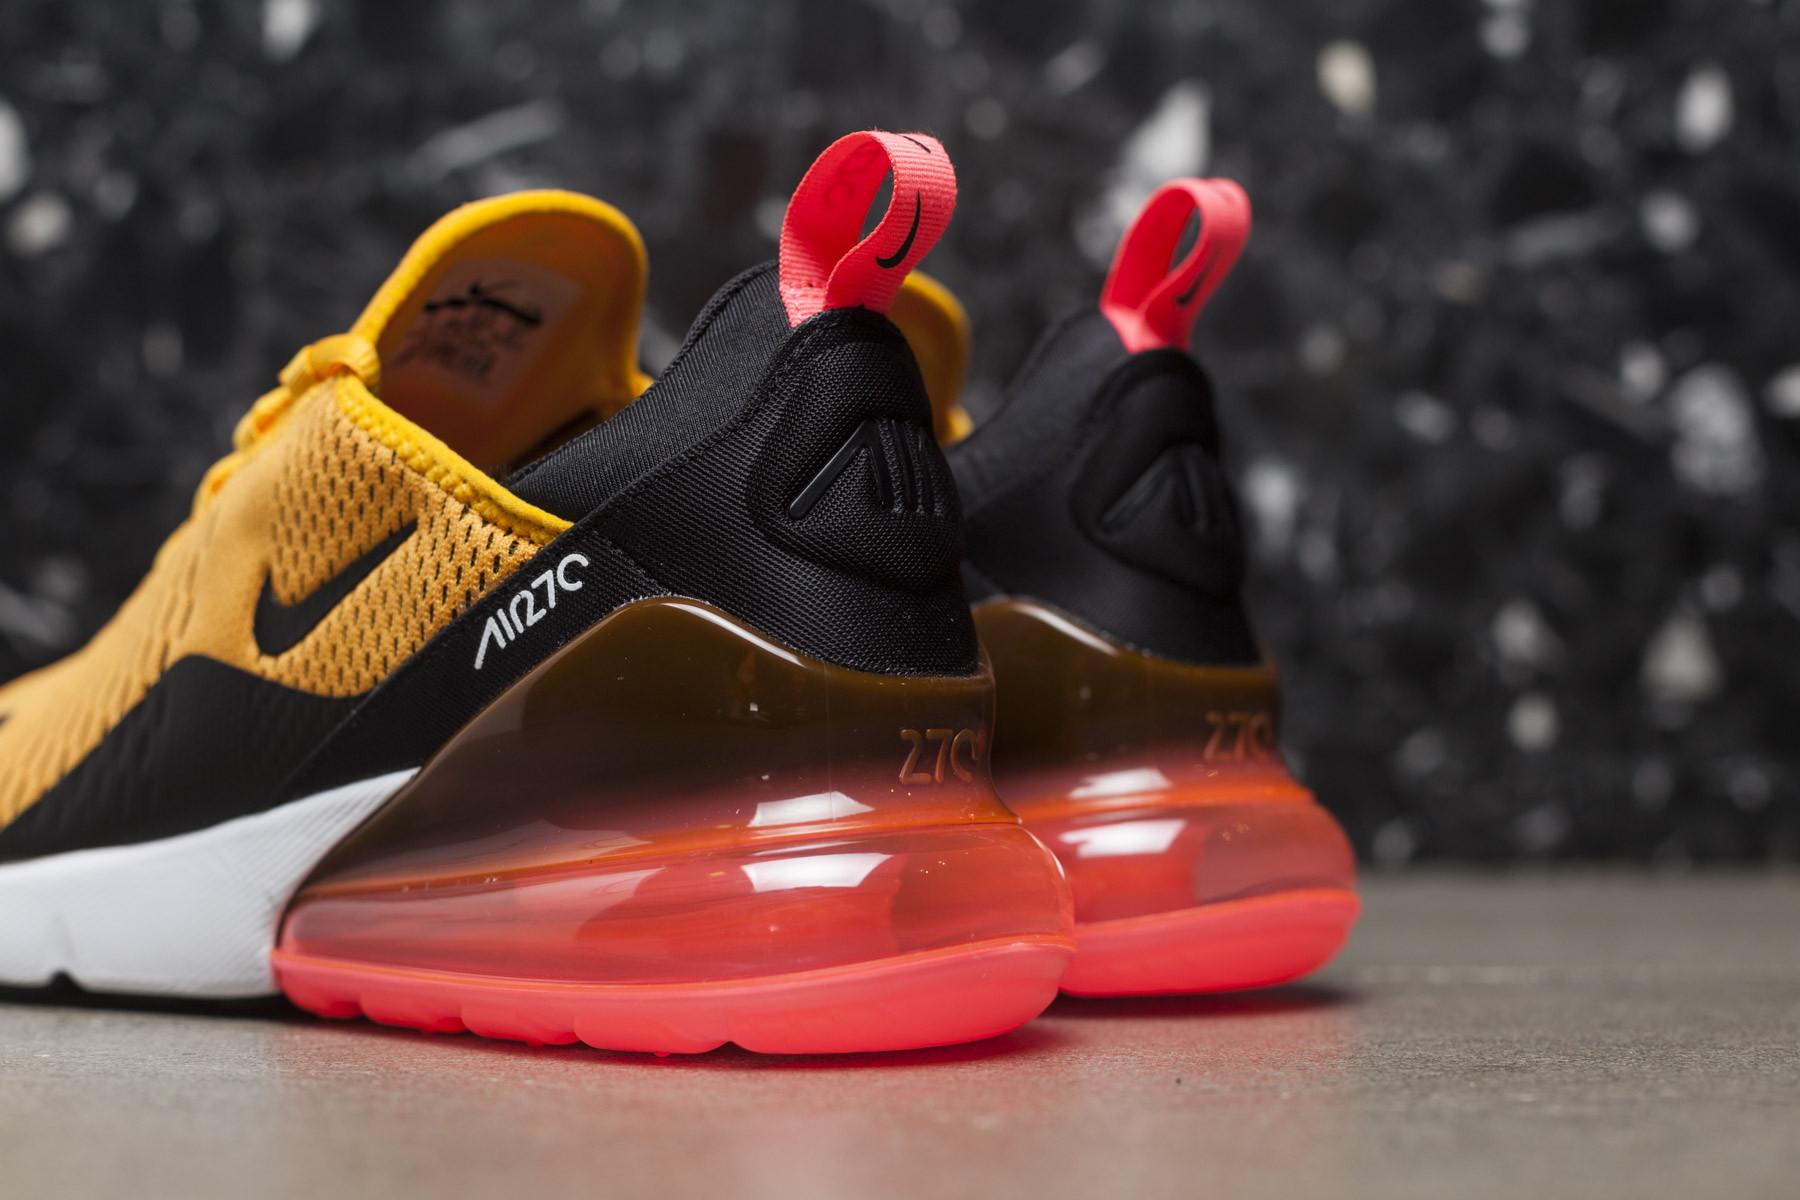 Nike Air Max 95 Pull Tab Black White